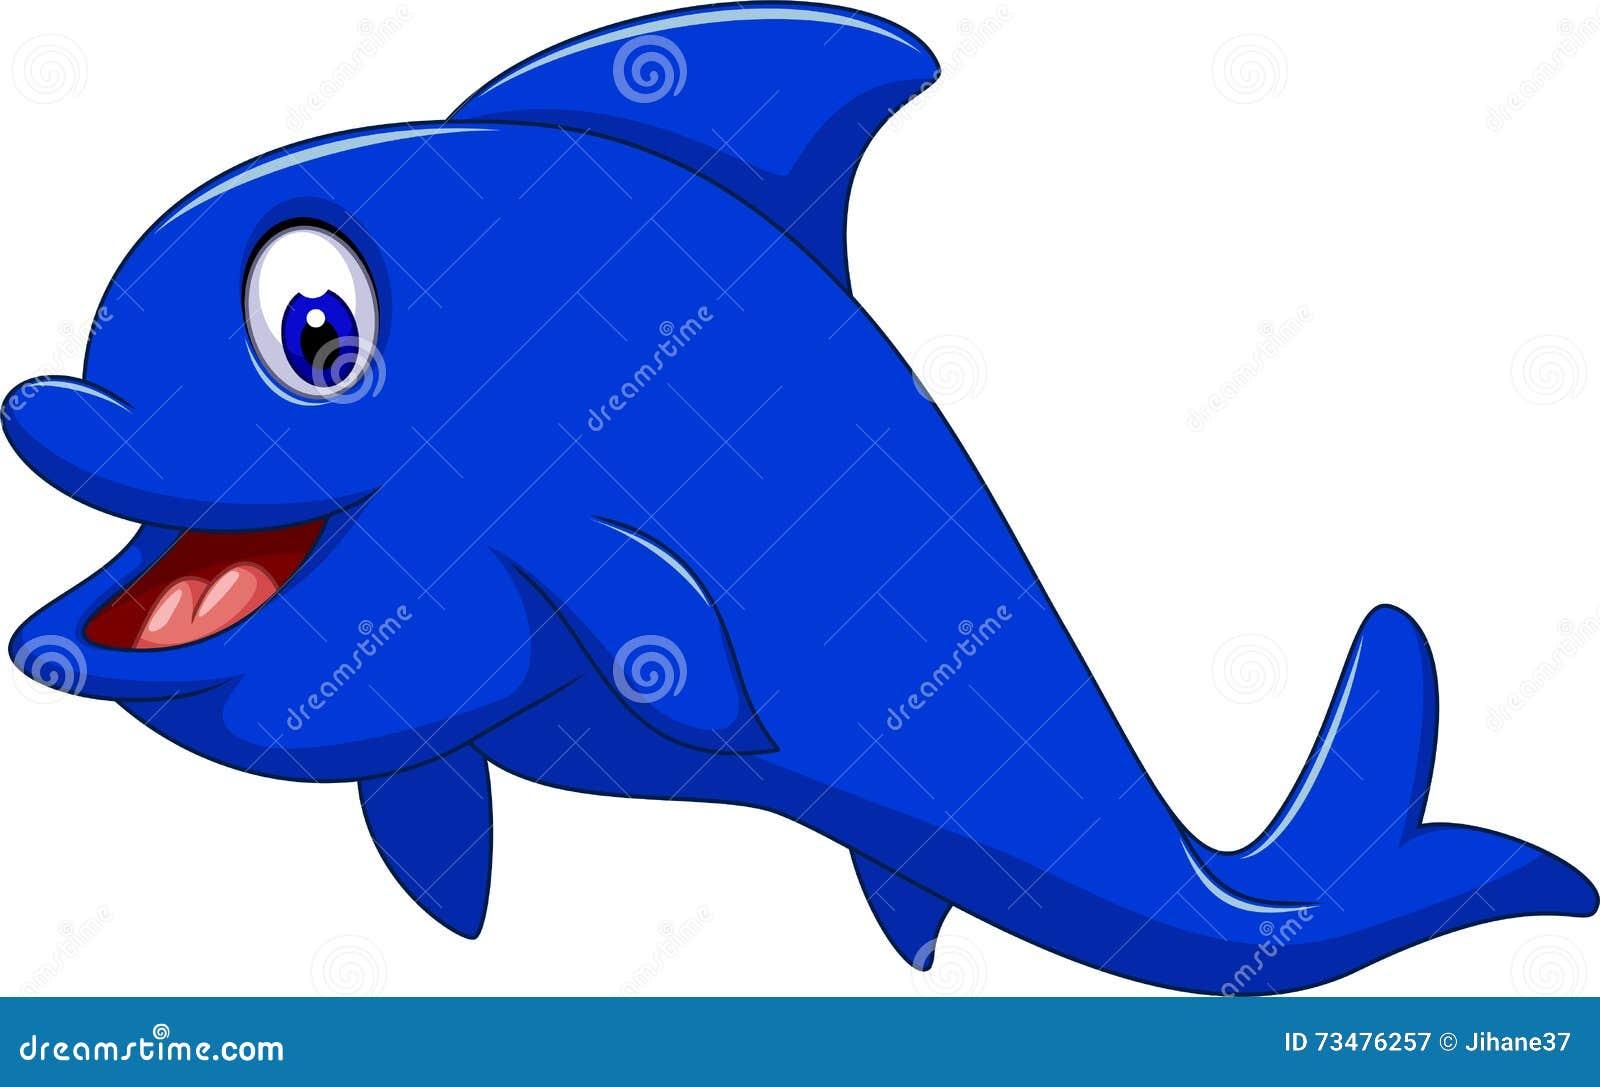 您的滑稽的海豚动画片设计